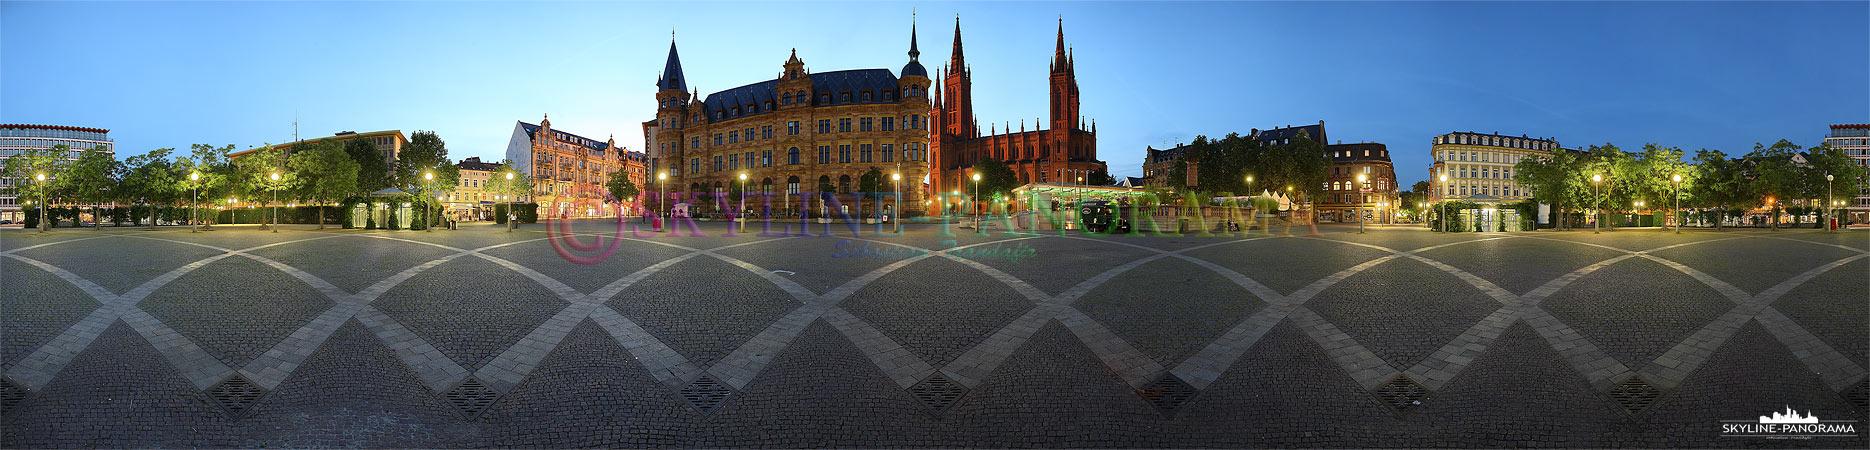 Bilder aus Wiesbaden - 360° Panoramabild aus dem Zentrum des Marktplatzes in Wiesbaden.